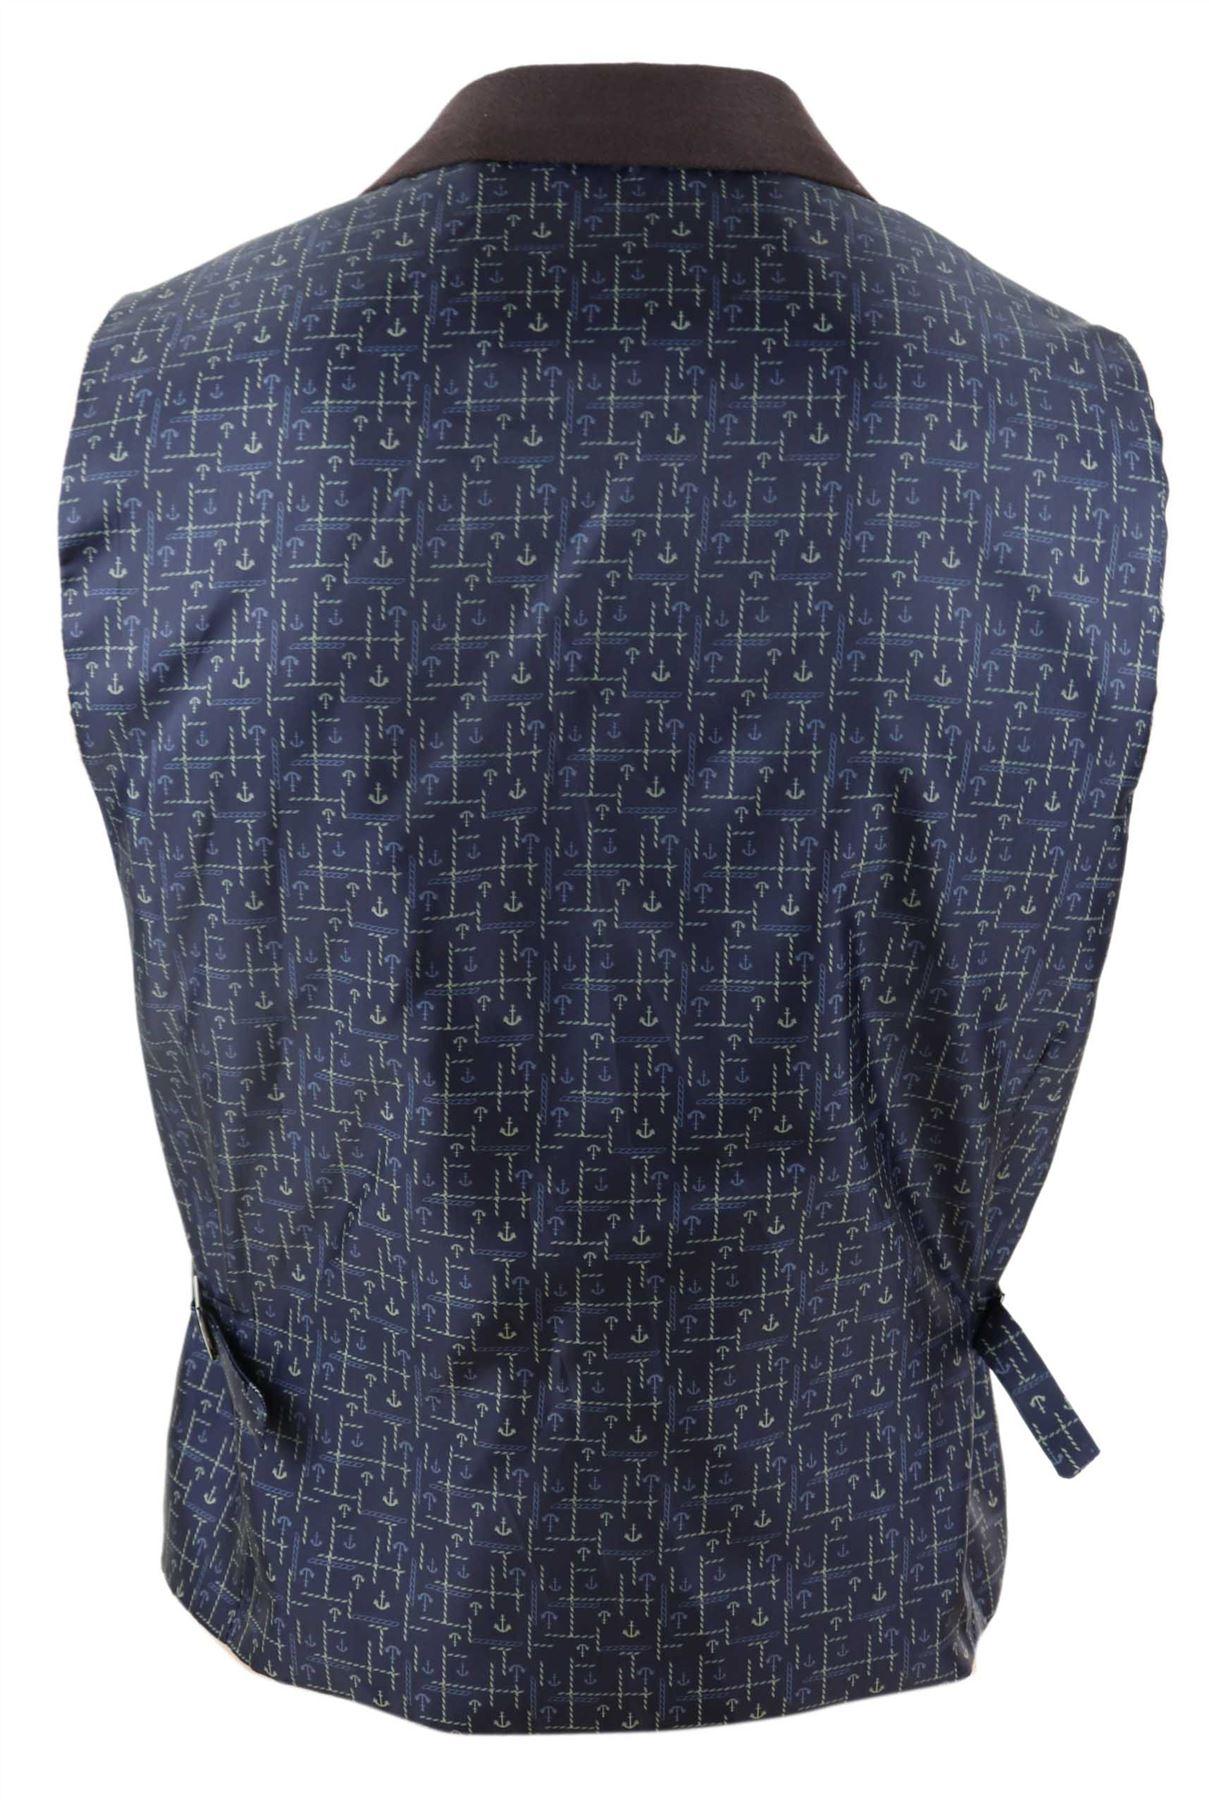 Mens-Waistcoat-Tweed-Check-Classic-Peaky-Blinders-Tailored-Fit-Vintage miniatuur 7